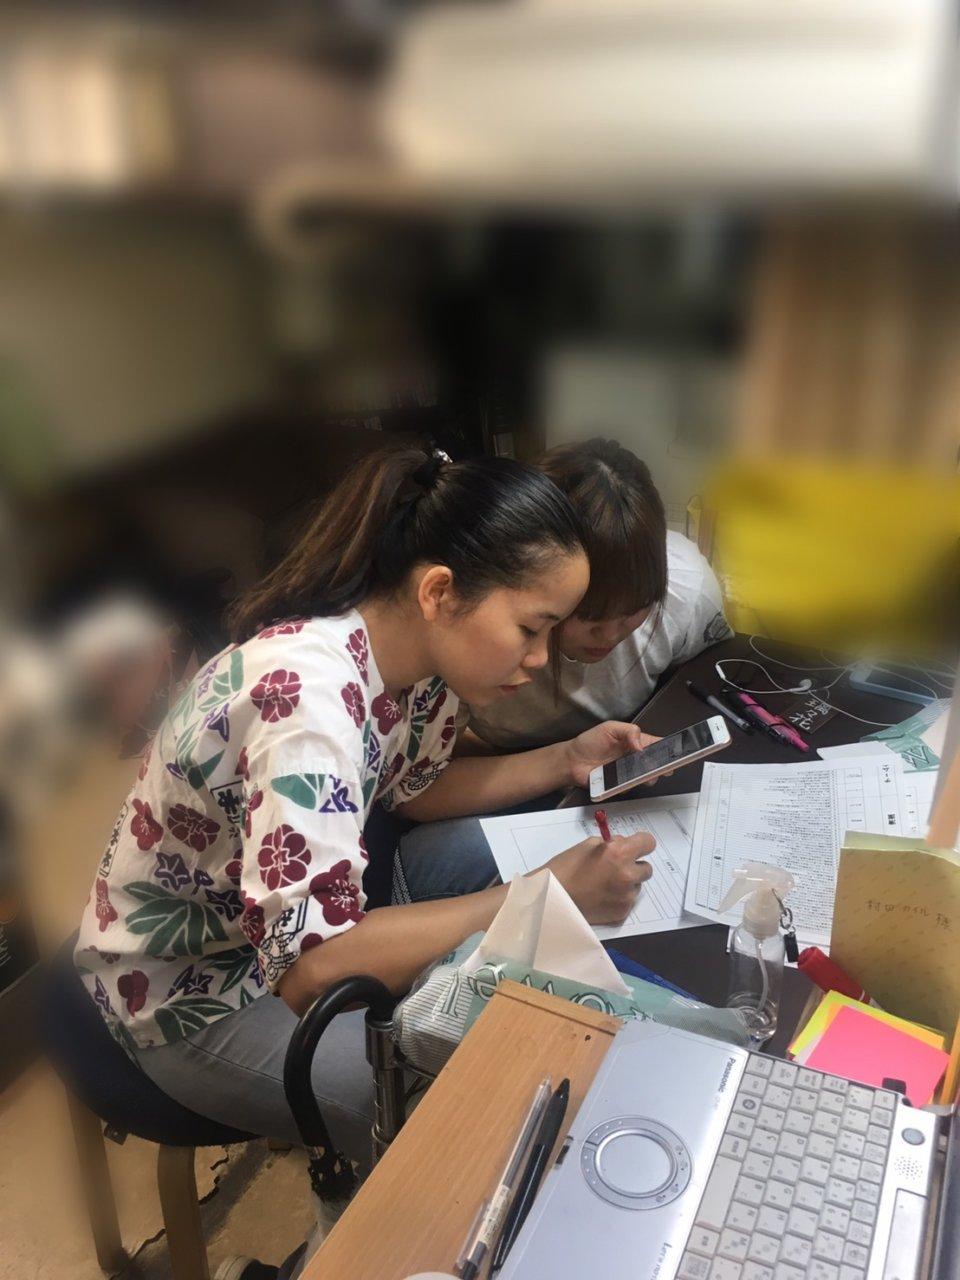 ベトナムオフィサーと勉強会!の画像